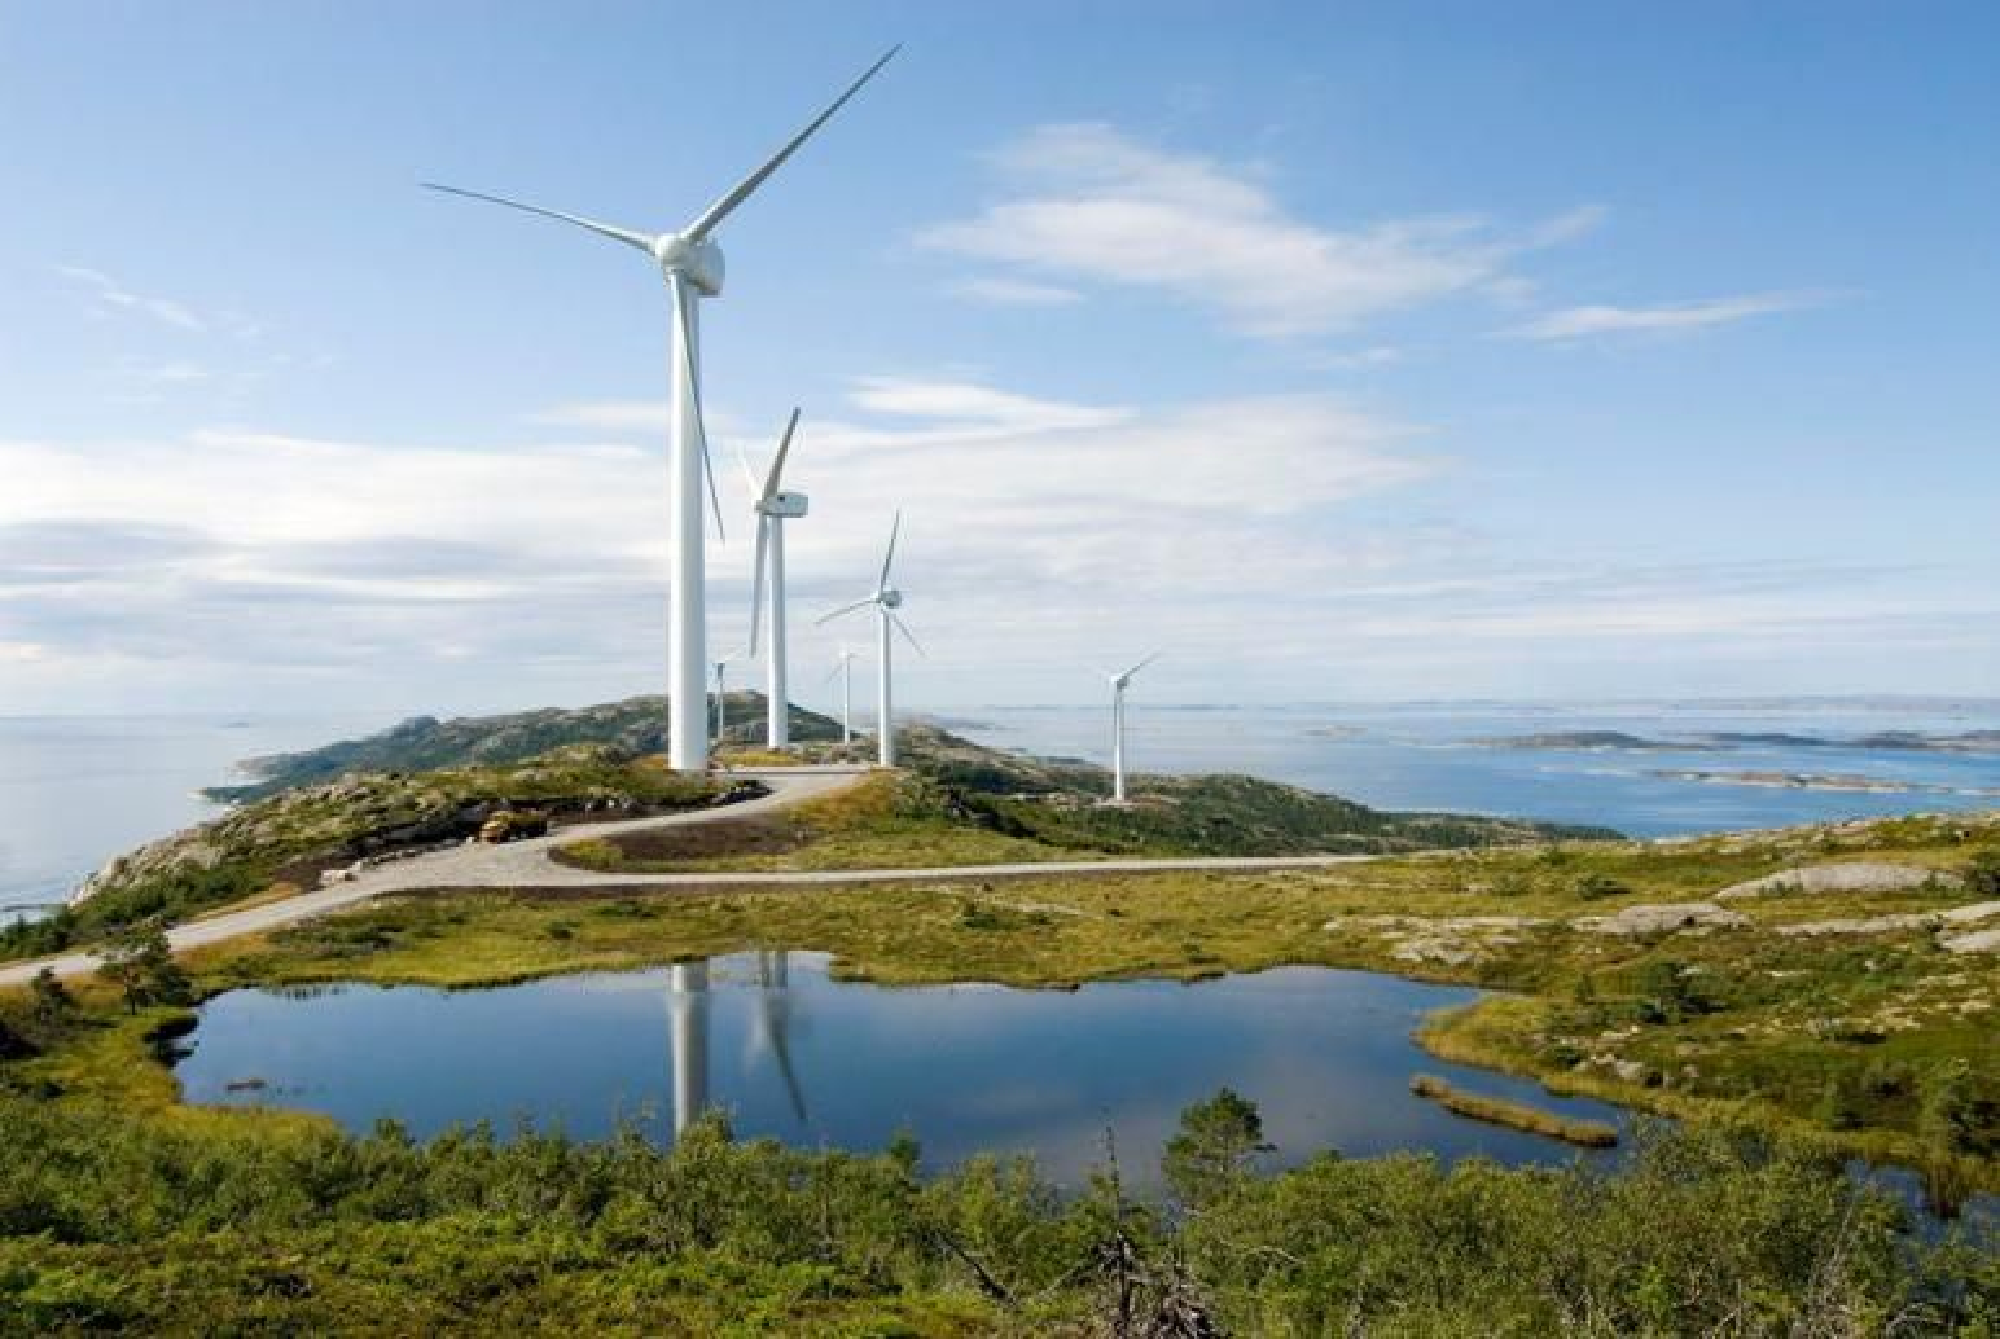 NORSK TEKNOLOGI: Norske ScanWinds vindturbiner er konstruert uten girboks, noe som er en fordel i værharde områder og gir mindre vedlikehold. Etter salget til amerikanske General Electric kan teknologien bli flyttet ut av landet, frykter Aker Solutions.